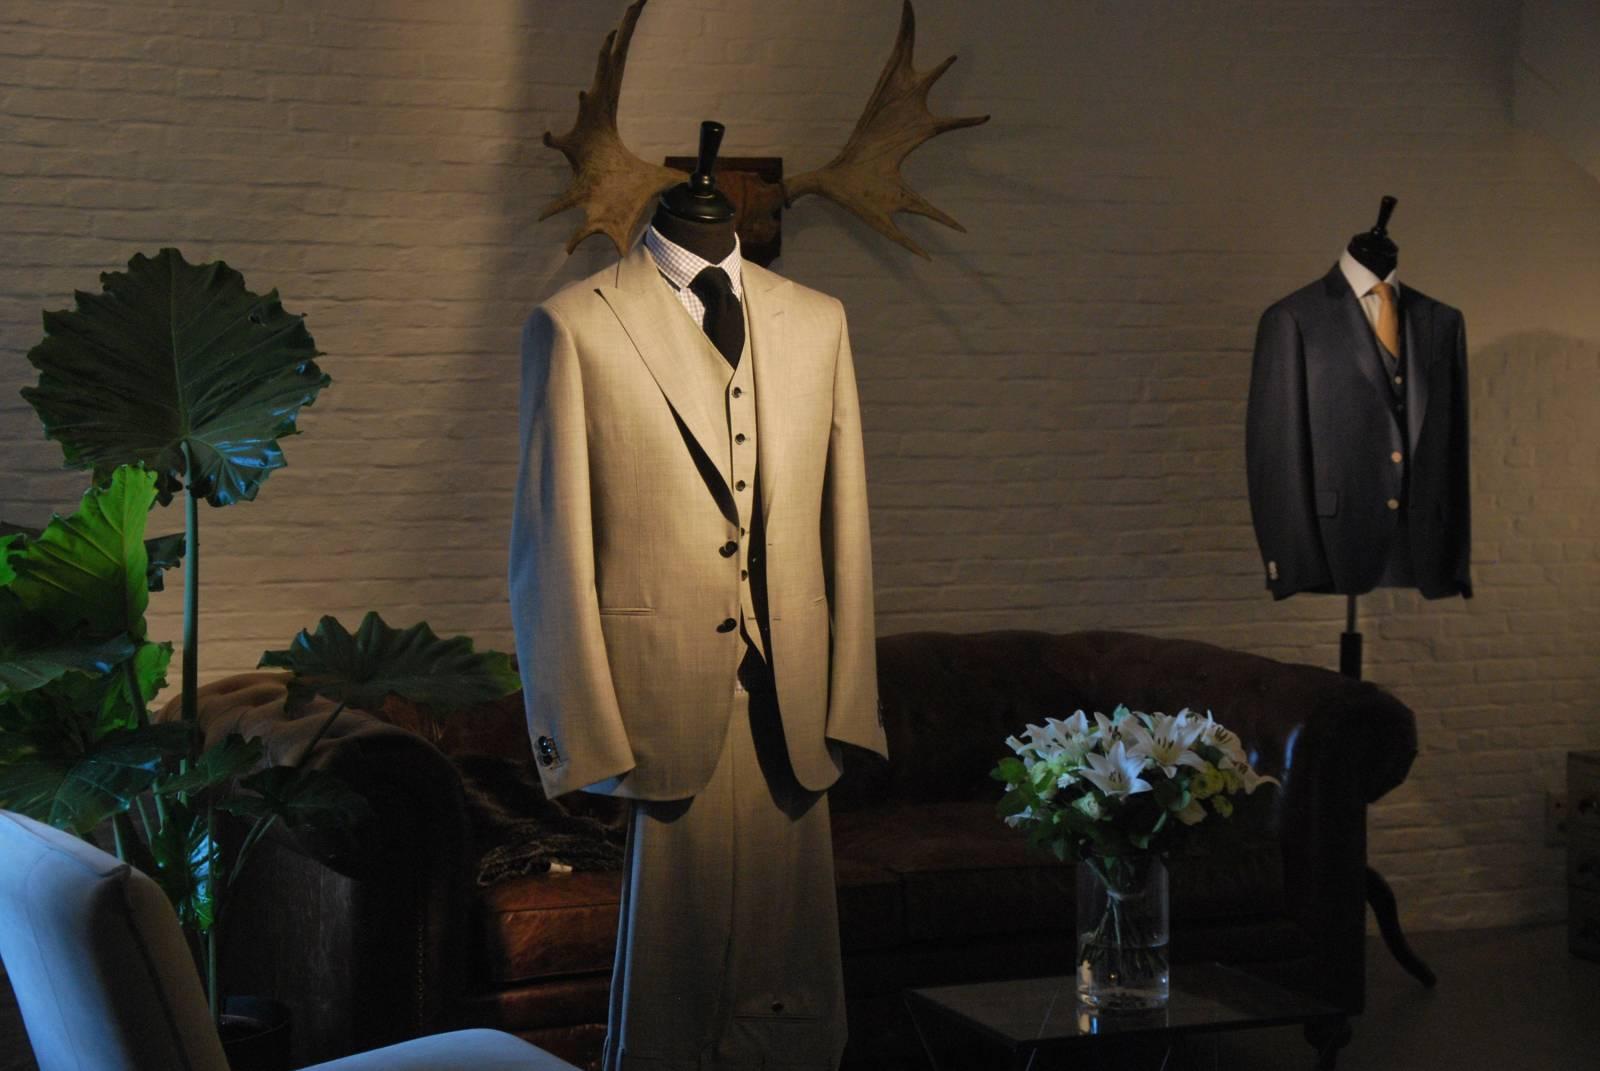 Ruben O Tailors - Trouwkostuum - Maatpak - Huwelijk - House of Weddings - 5